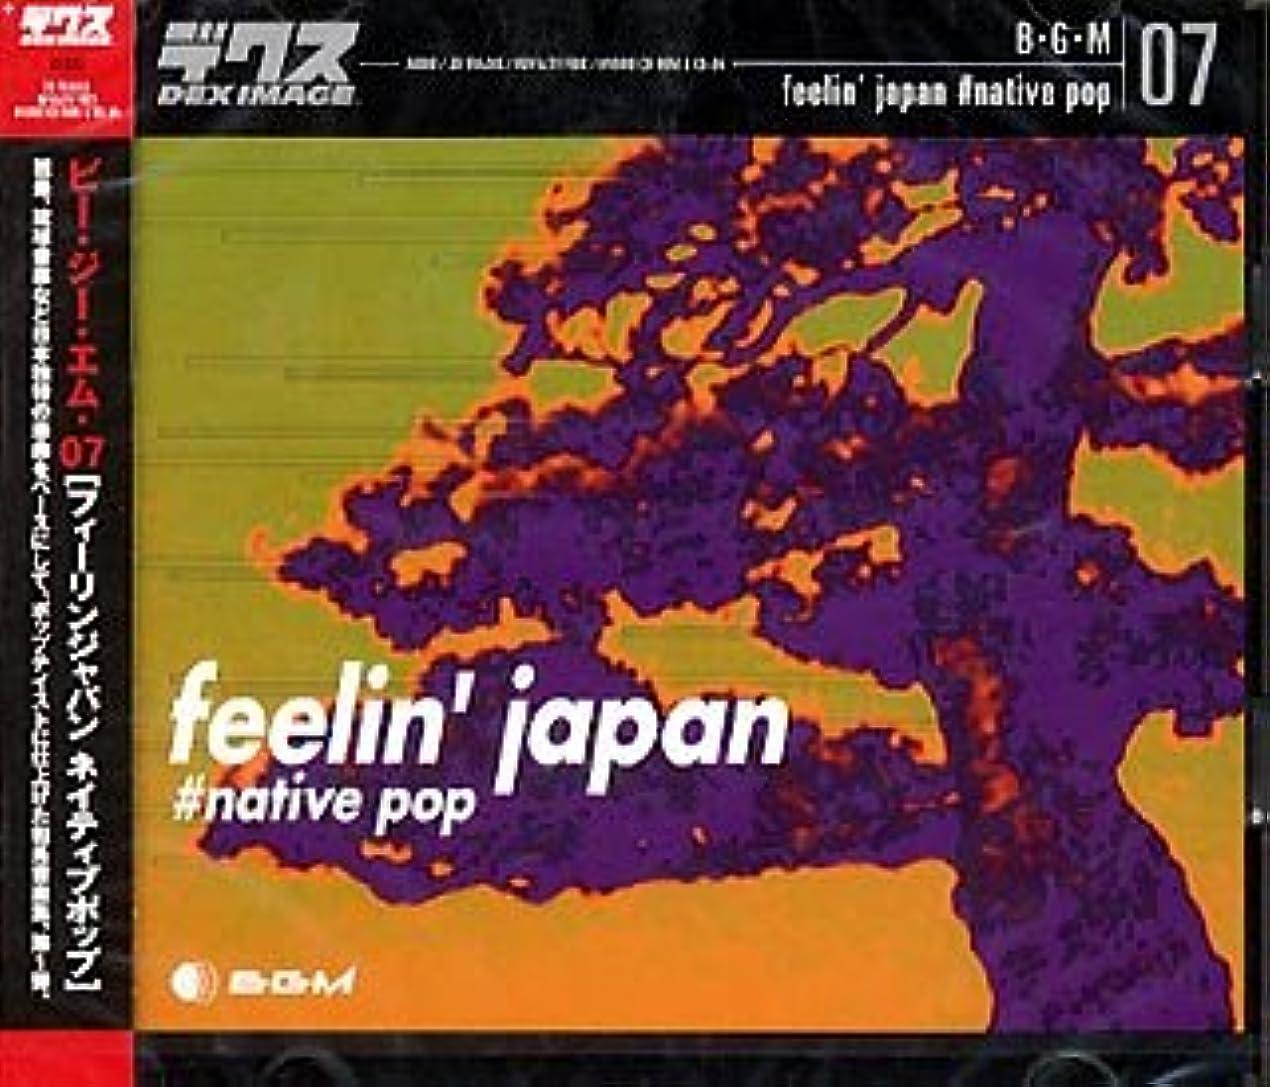 どちらかそっと特異なB・G・M 07 feelin' japan #native pop